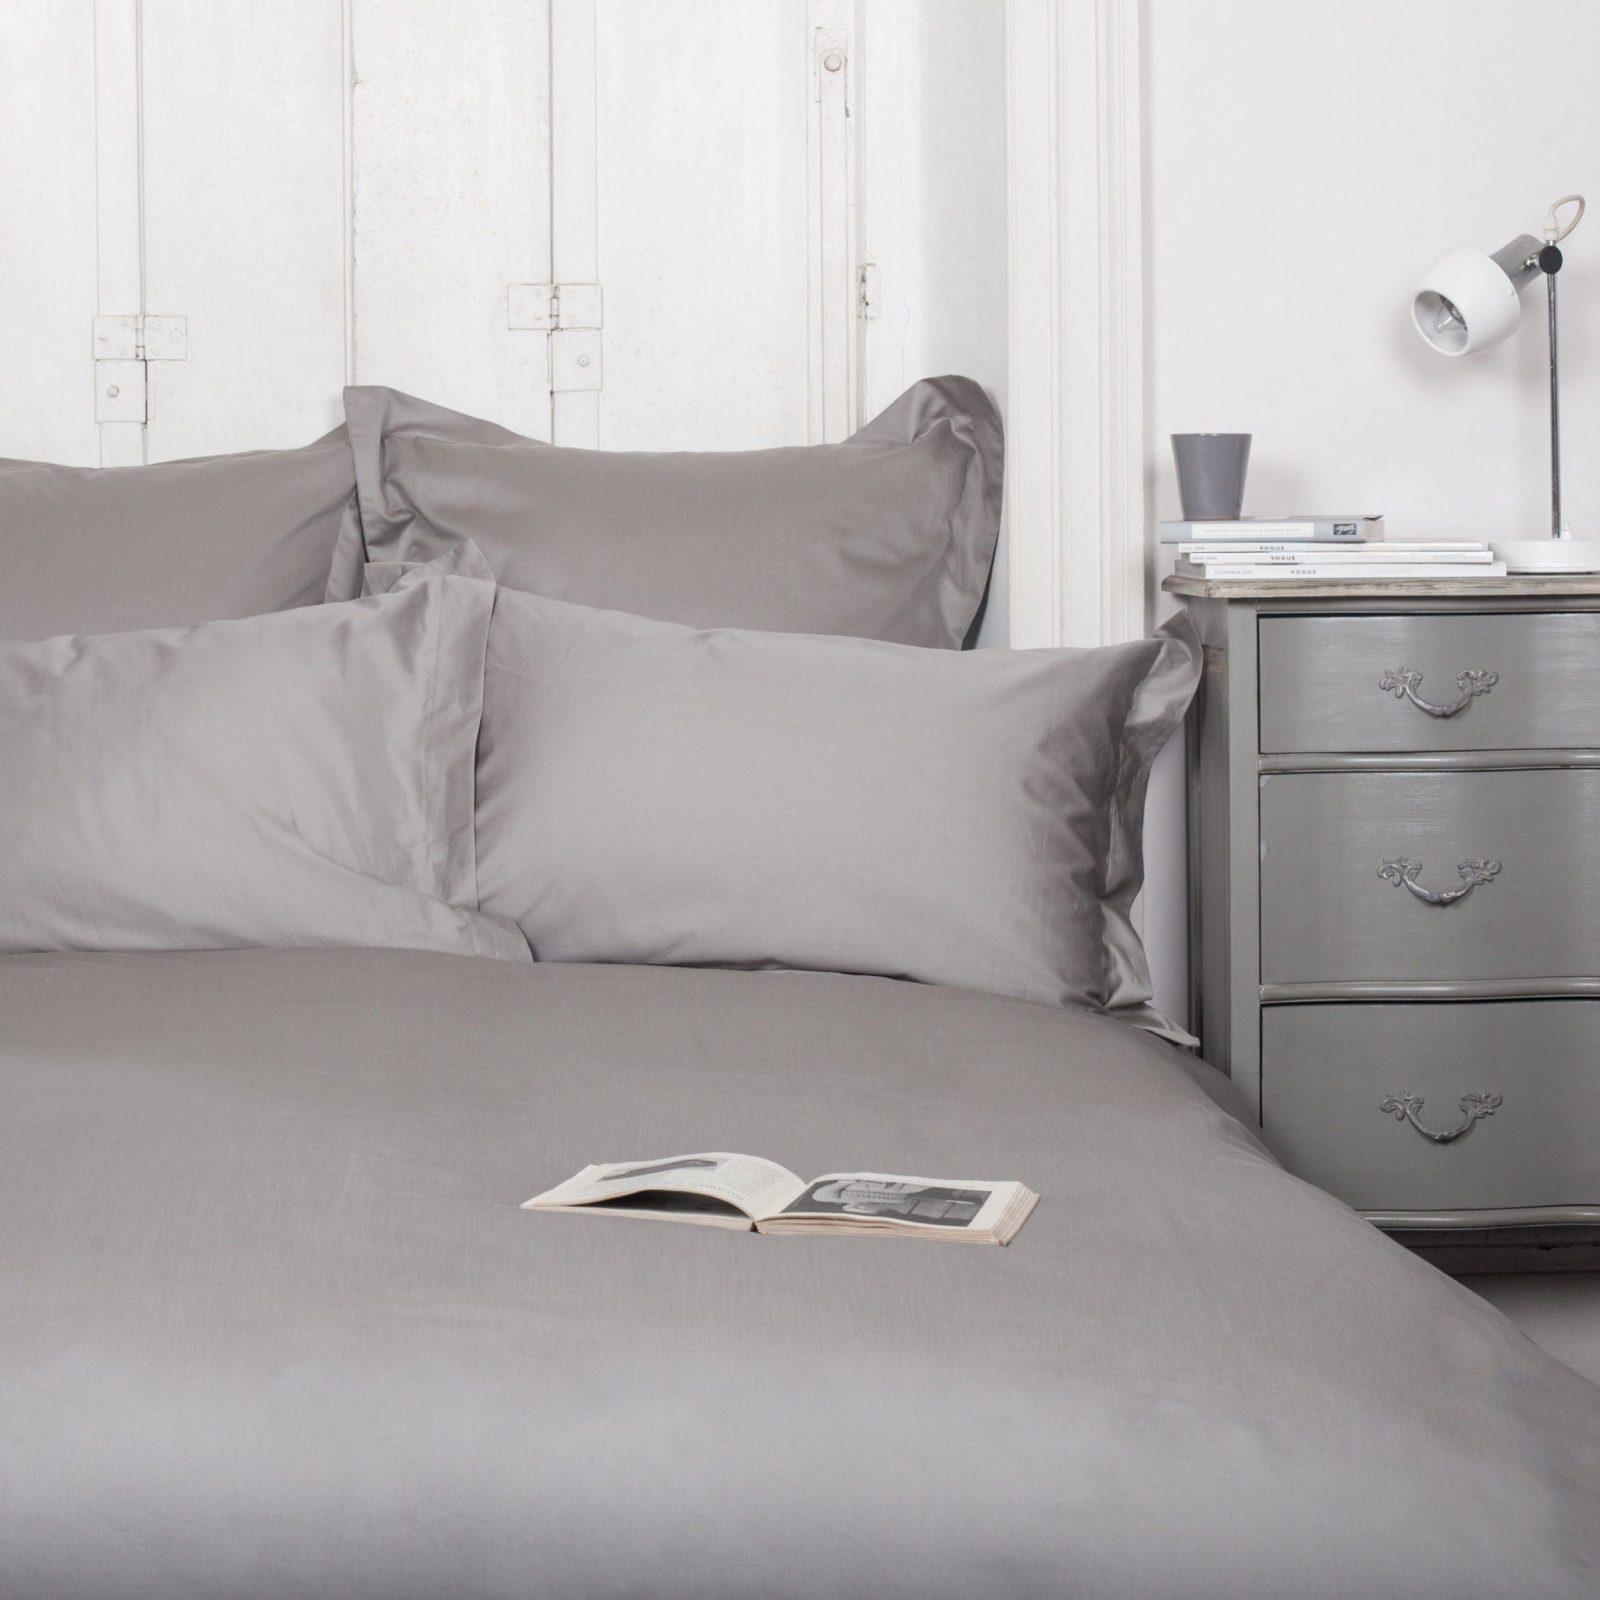 Bettwäscheset Soft Grey von Hotelbettwäsche Erwin Müller Bild